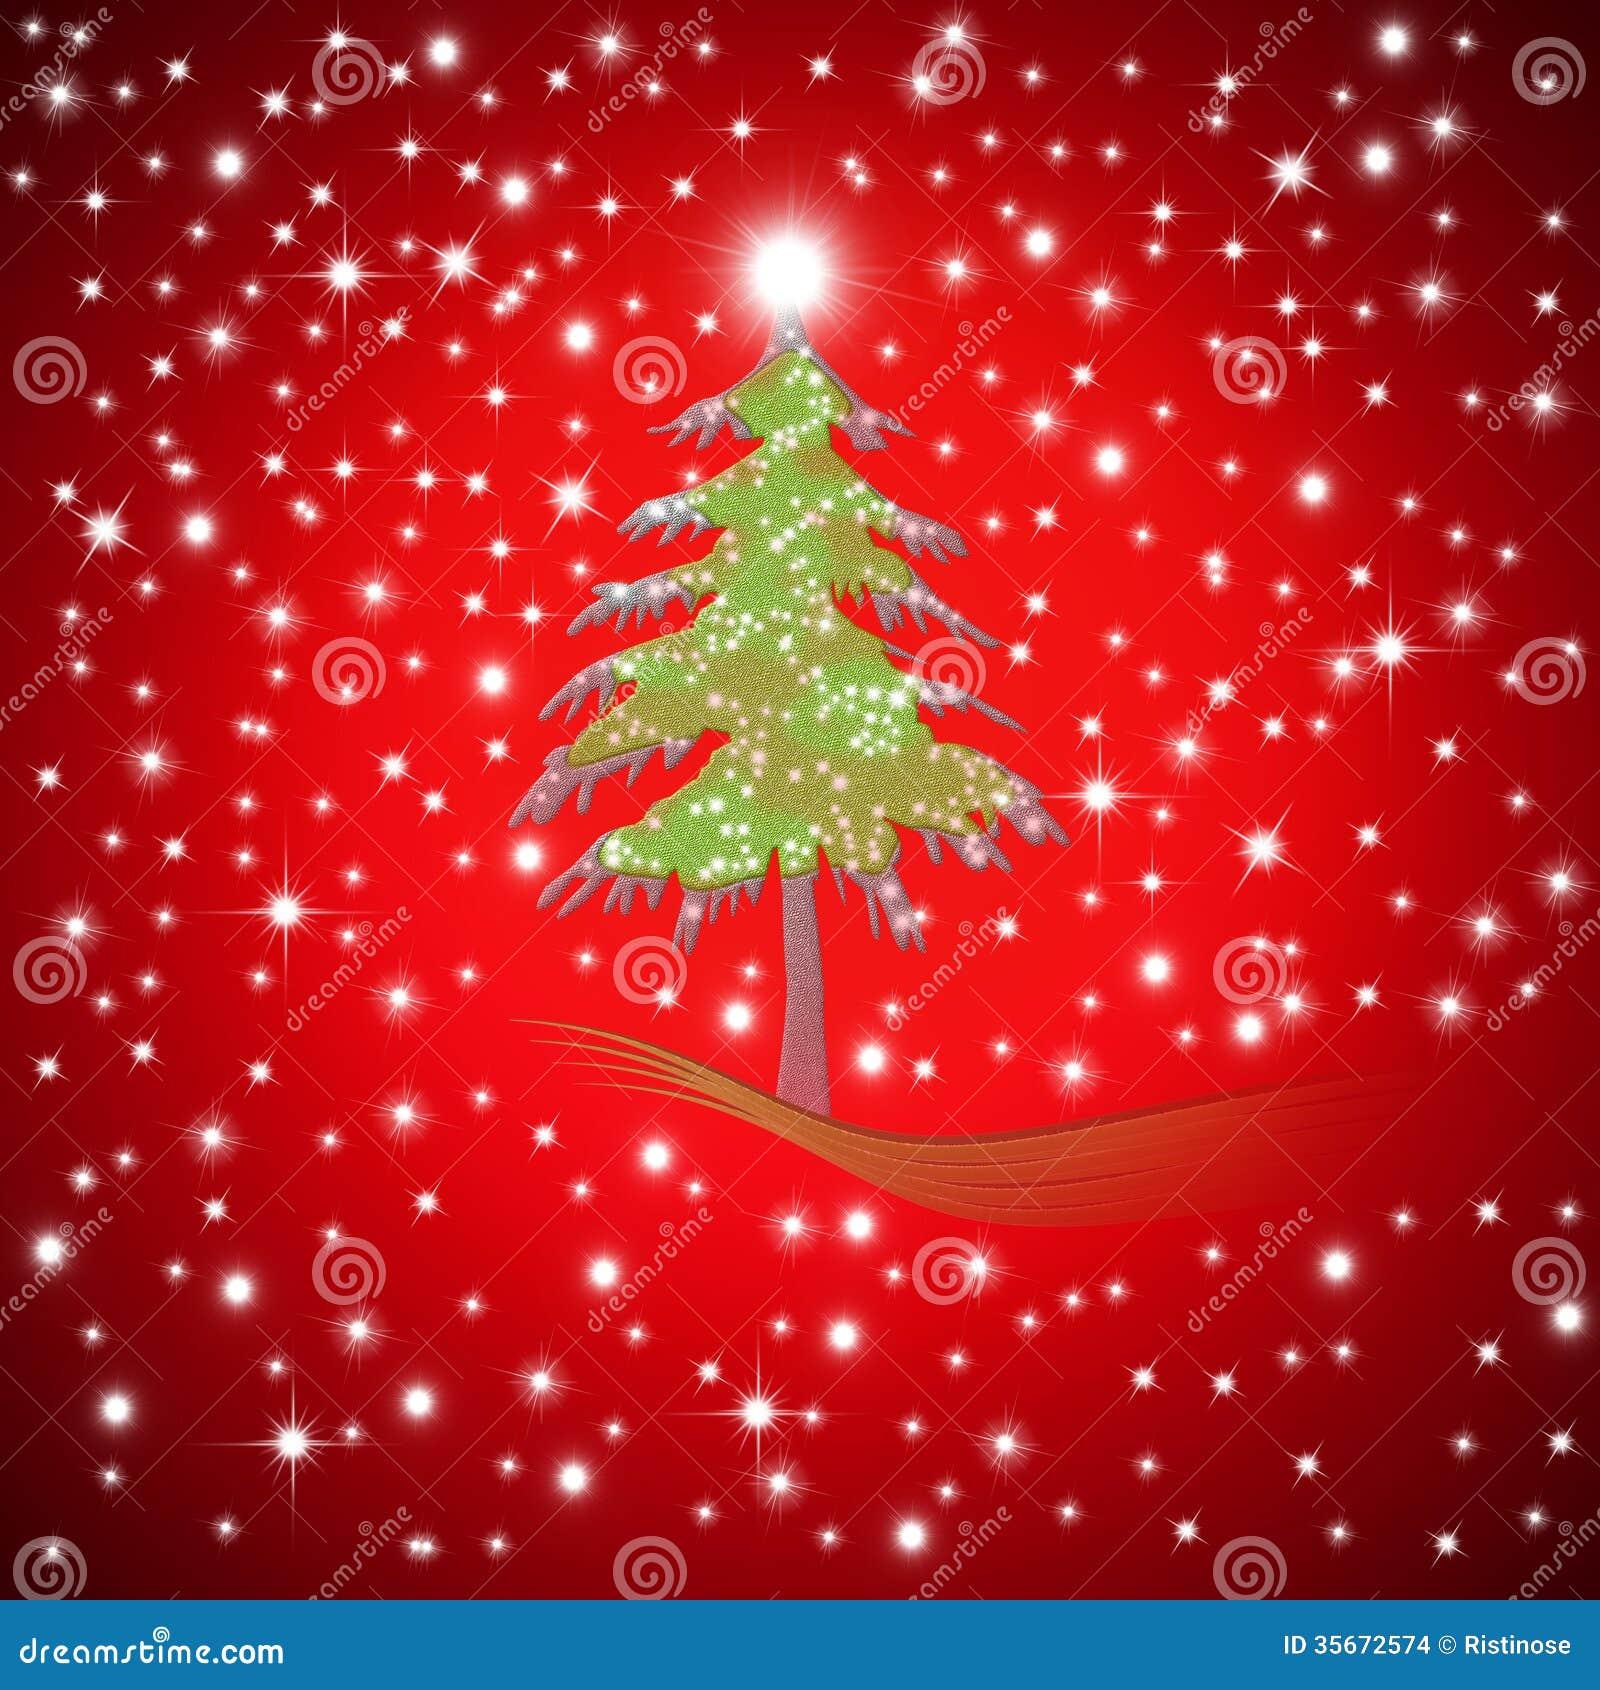 Weihnachtsgrüße Als Tannenbaum.Roter Weihnachtsgruß Tannenbaum Stock Abbildung Illustration Von